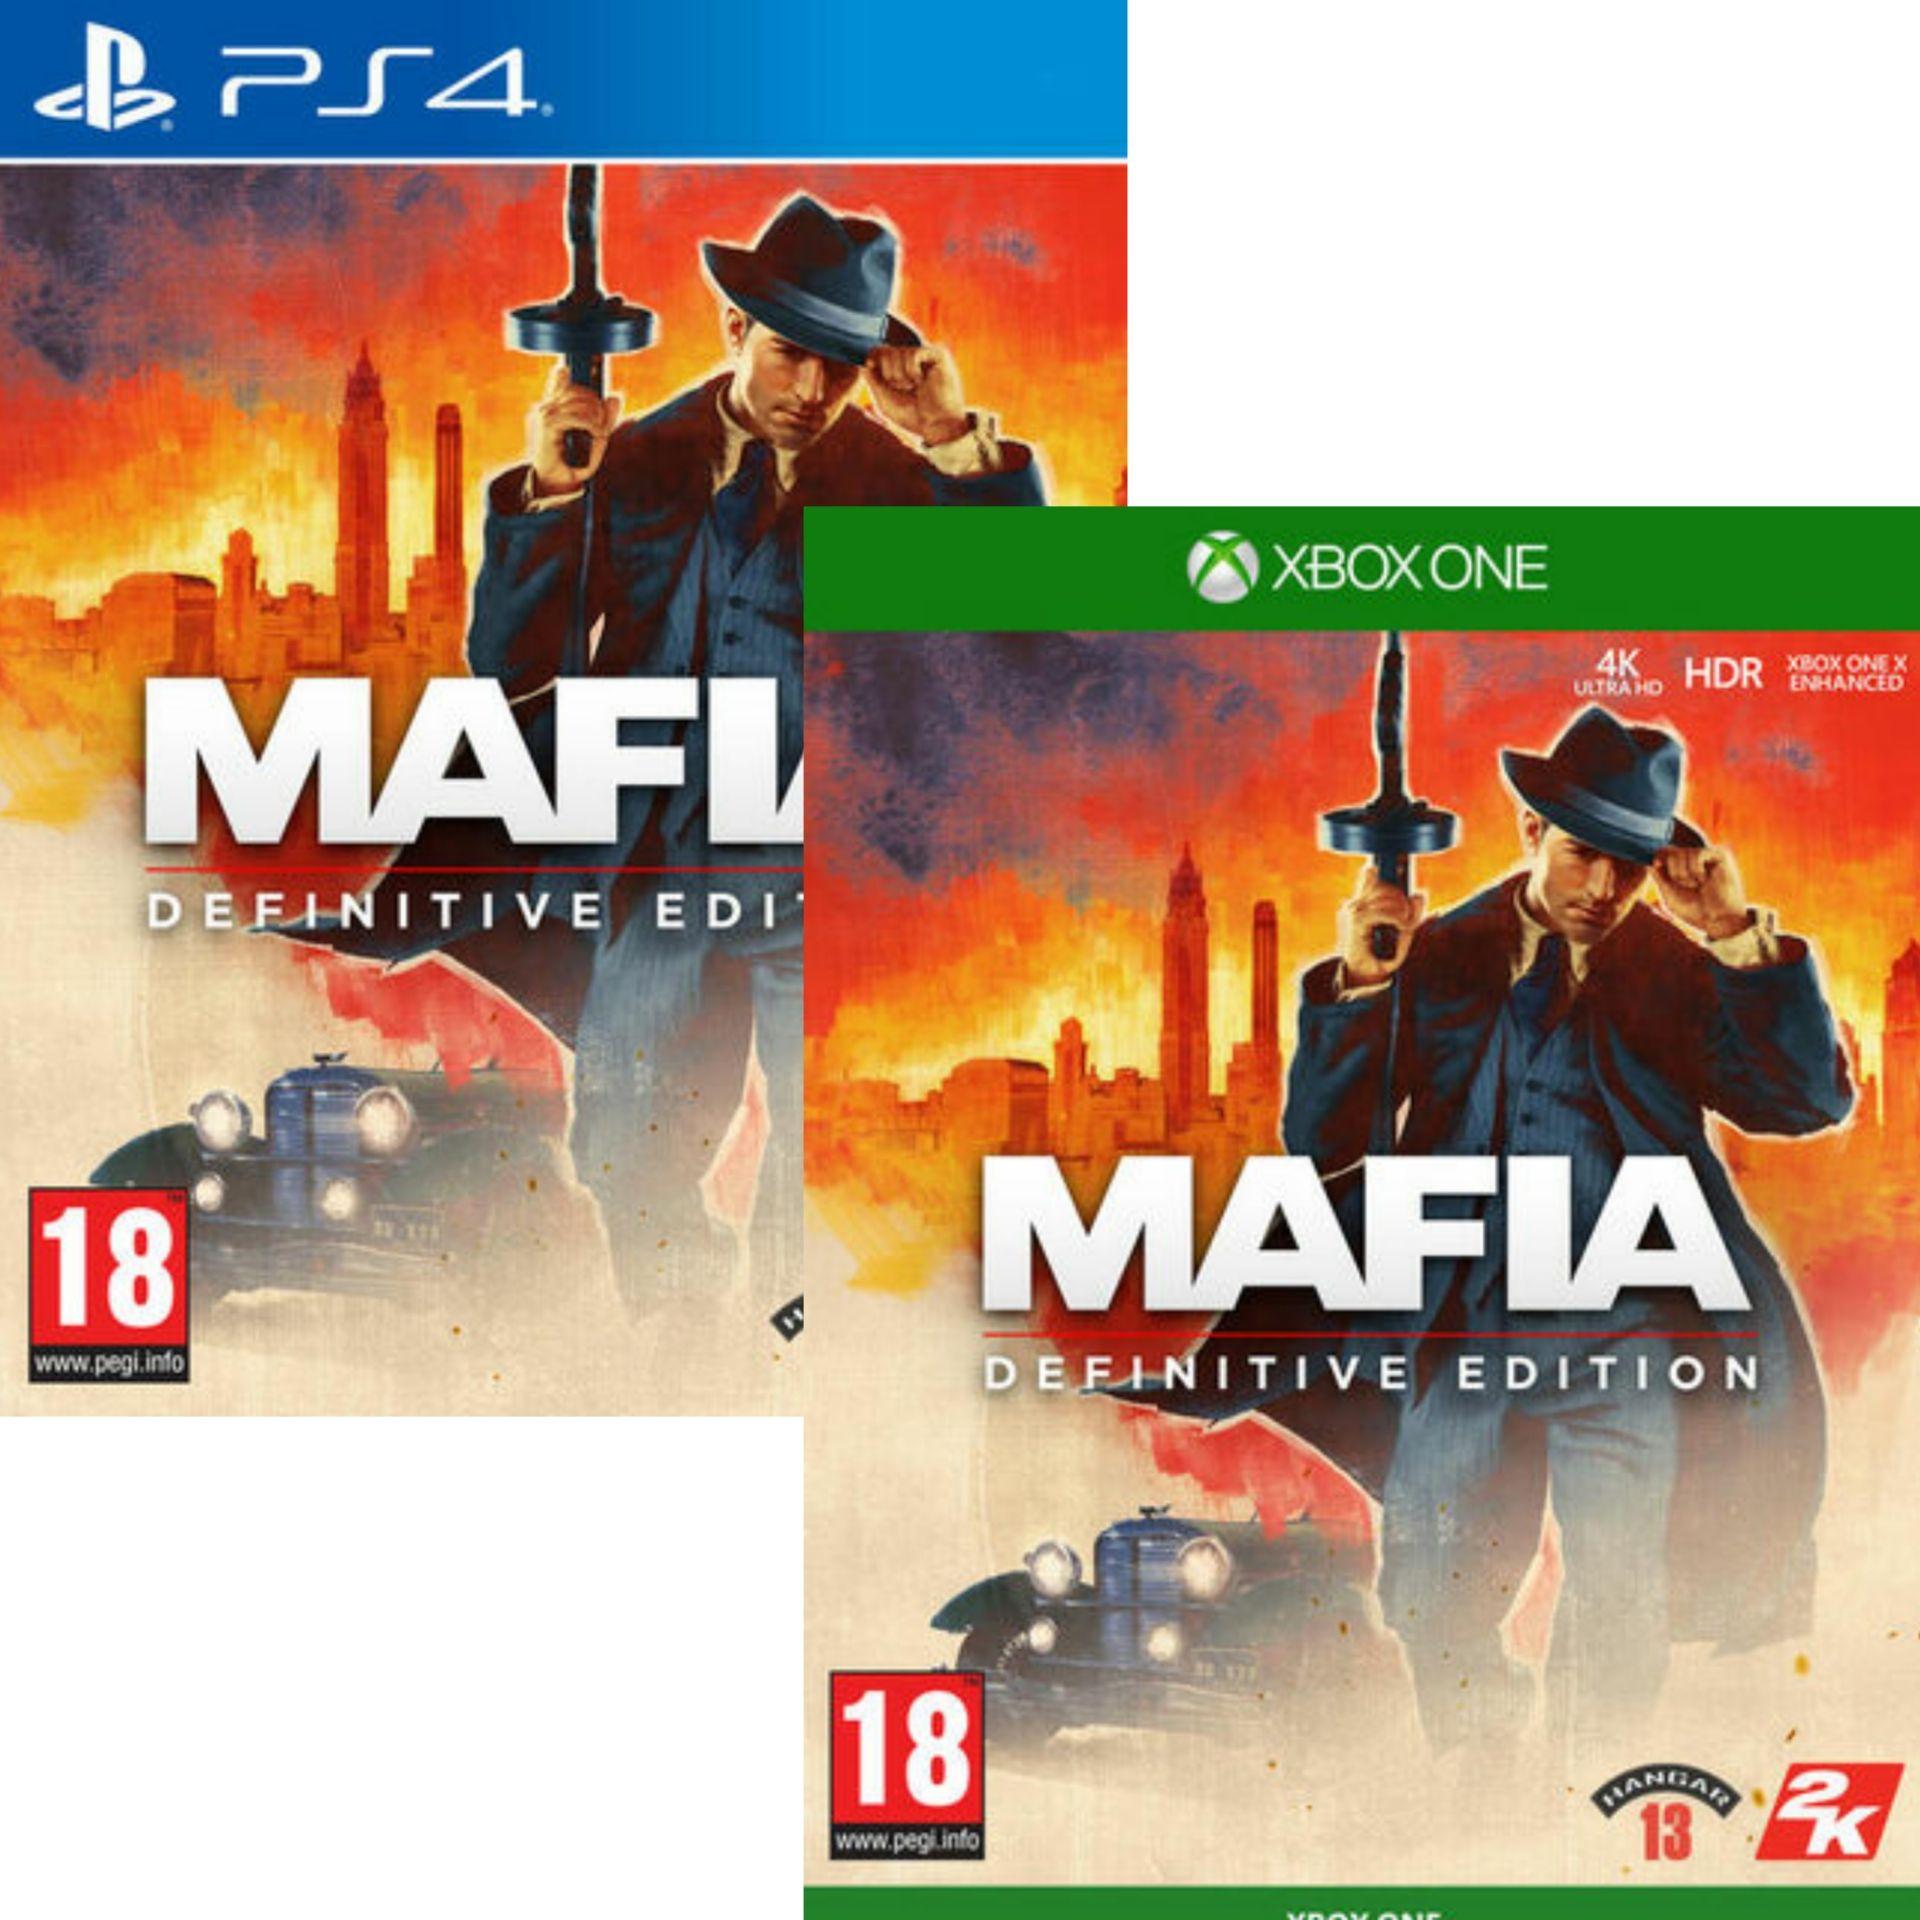 Mafia Definitive Edition sur PS4 & Xbox One (Mafia Trilogy sur PS4, Xbox One à 29.99€ / PC à 20,99€)